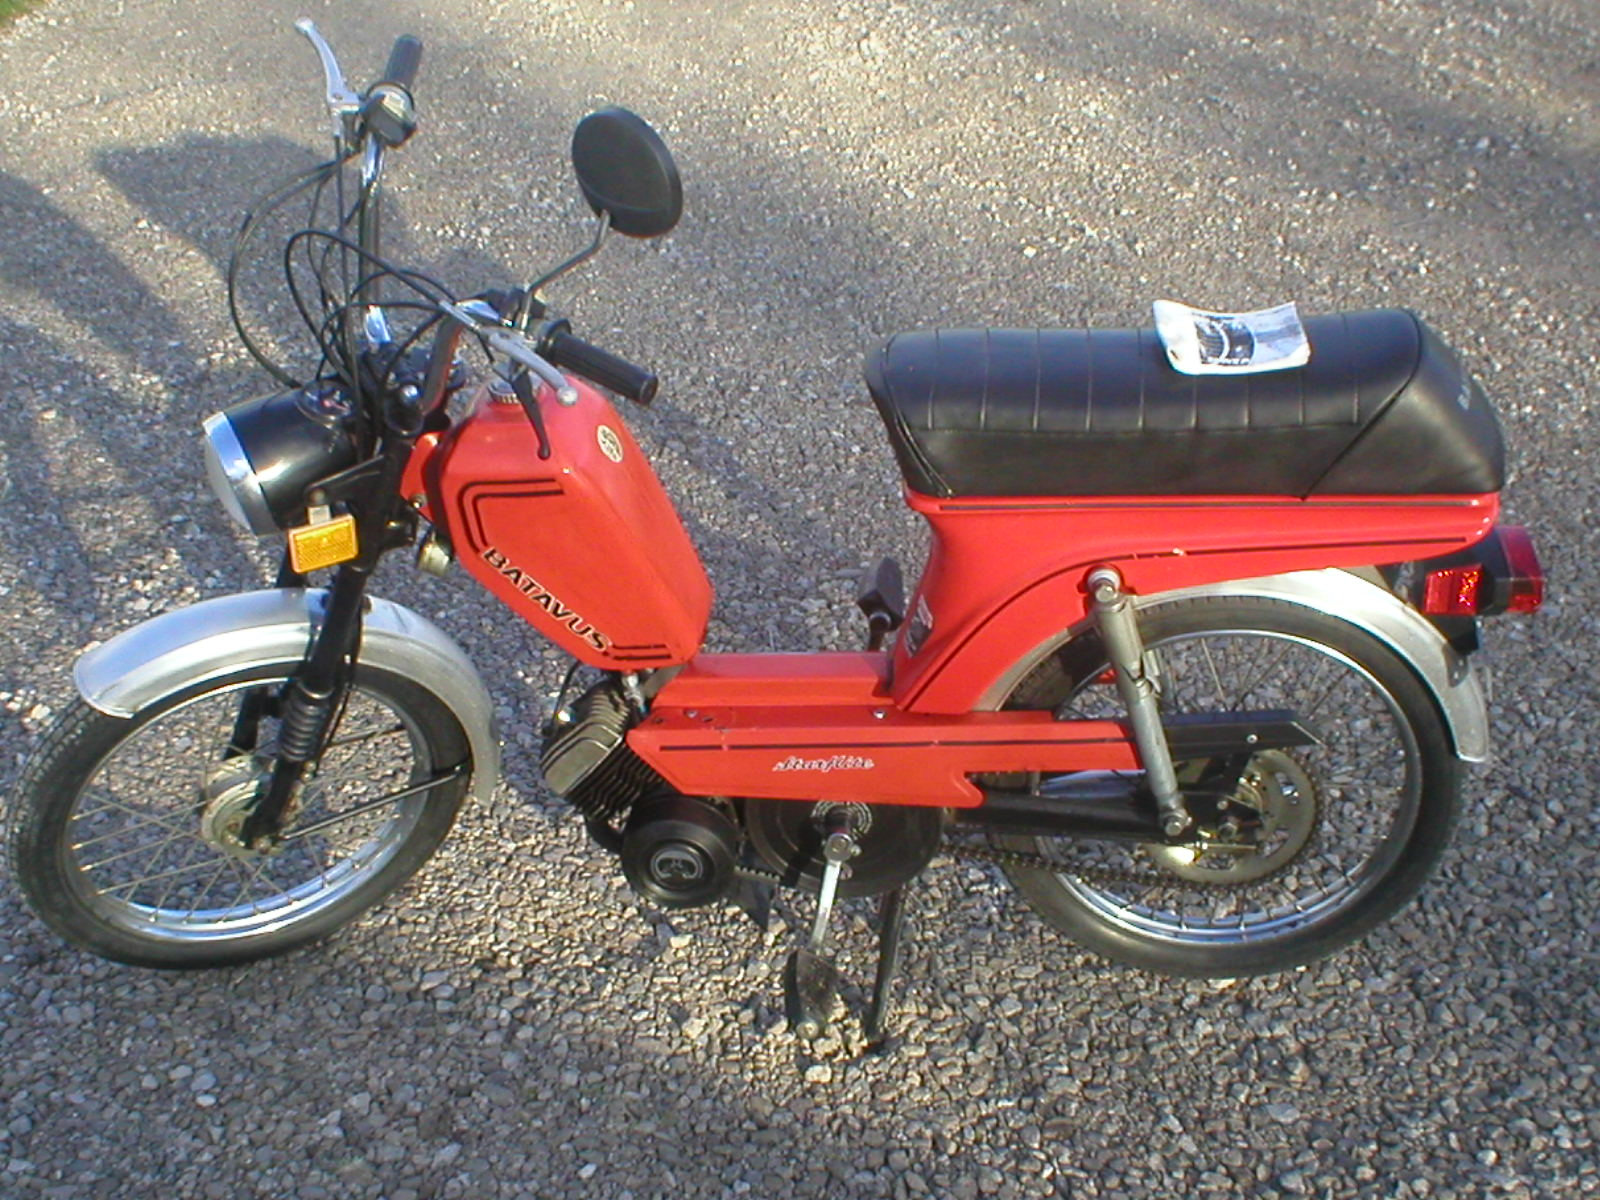 1980 Batavus starflite va Near Mint 4 sale in Ohio — Moped ...  Batavus